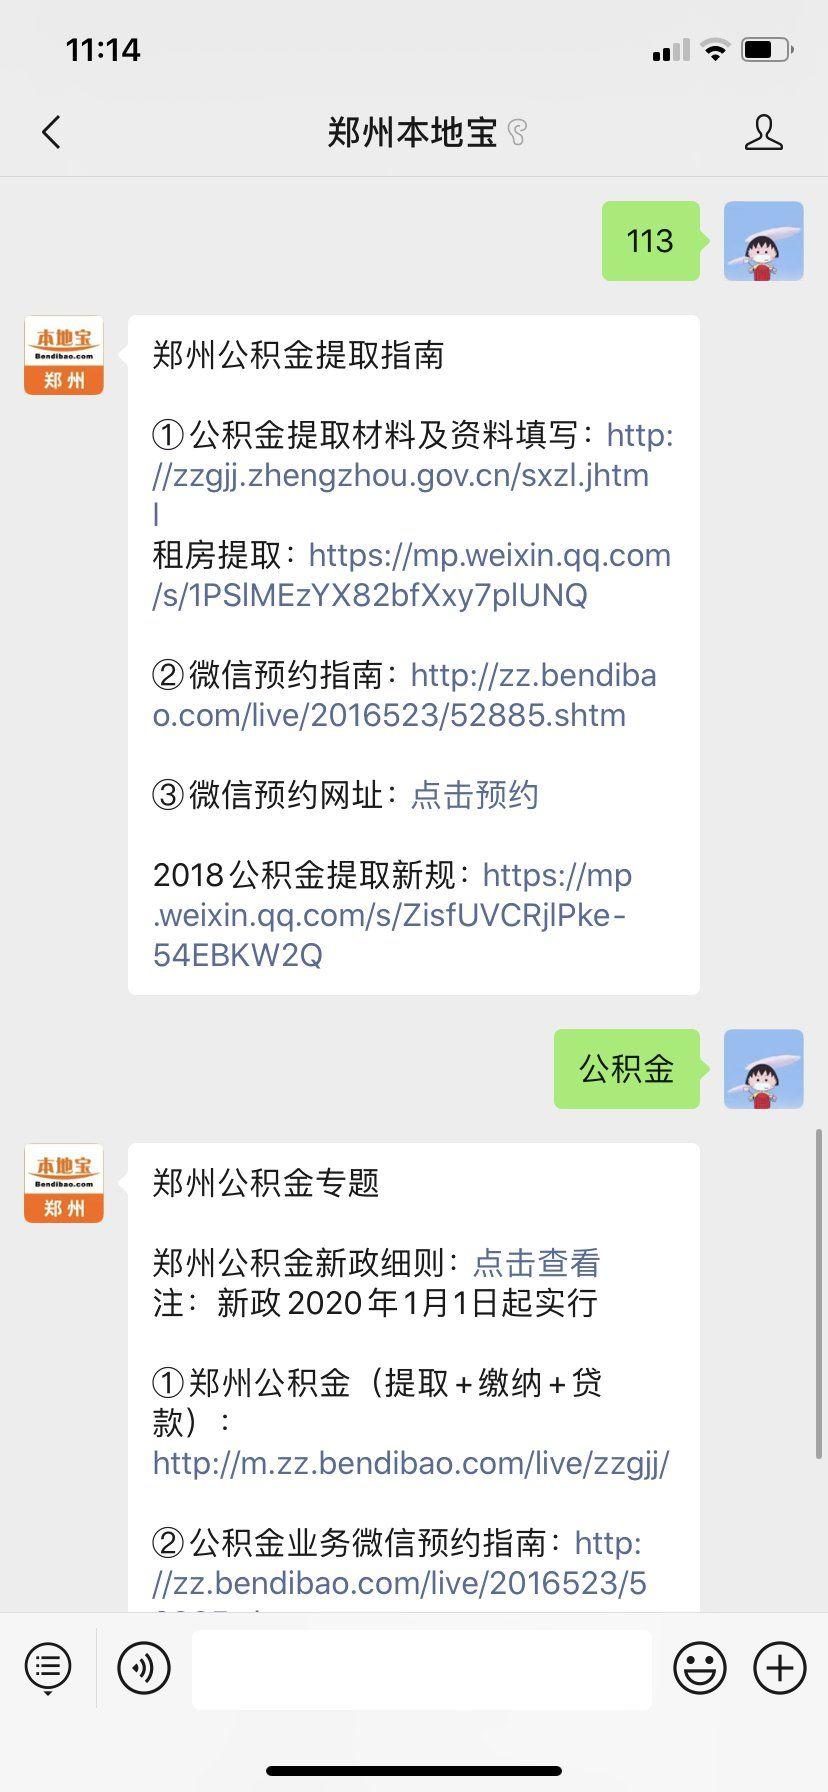 2020年郑州市公积金提取材料